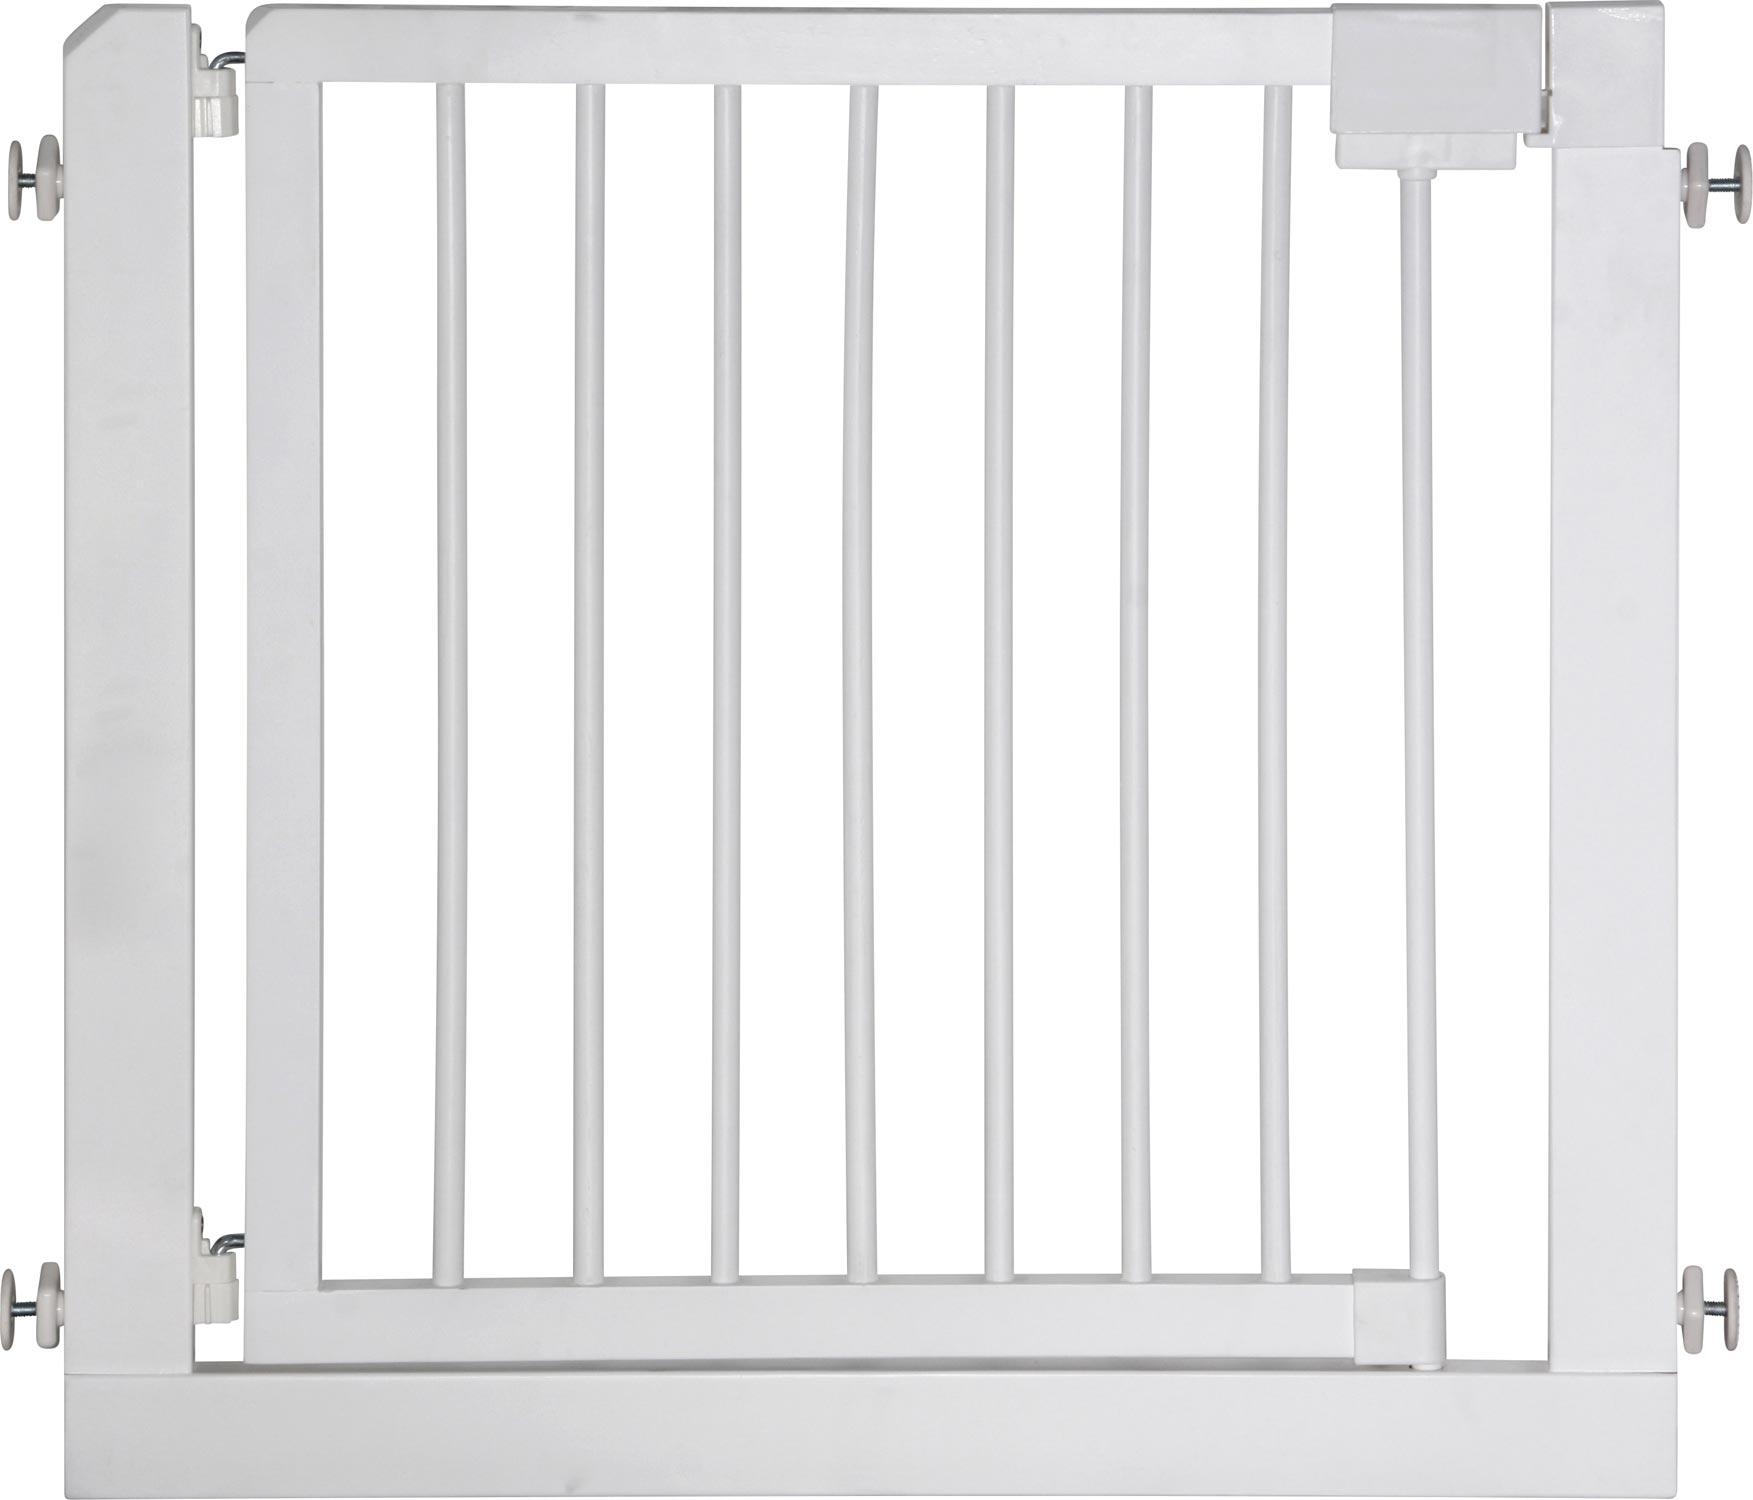 barri re de s curit pour escaliers et portes kolby bois blanc nature b b ebay. Black Bedroom Furniture Sets. Home Design Ideas